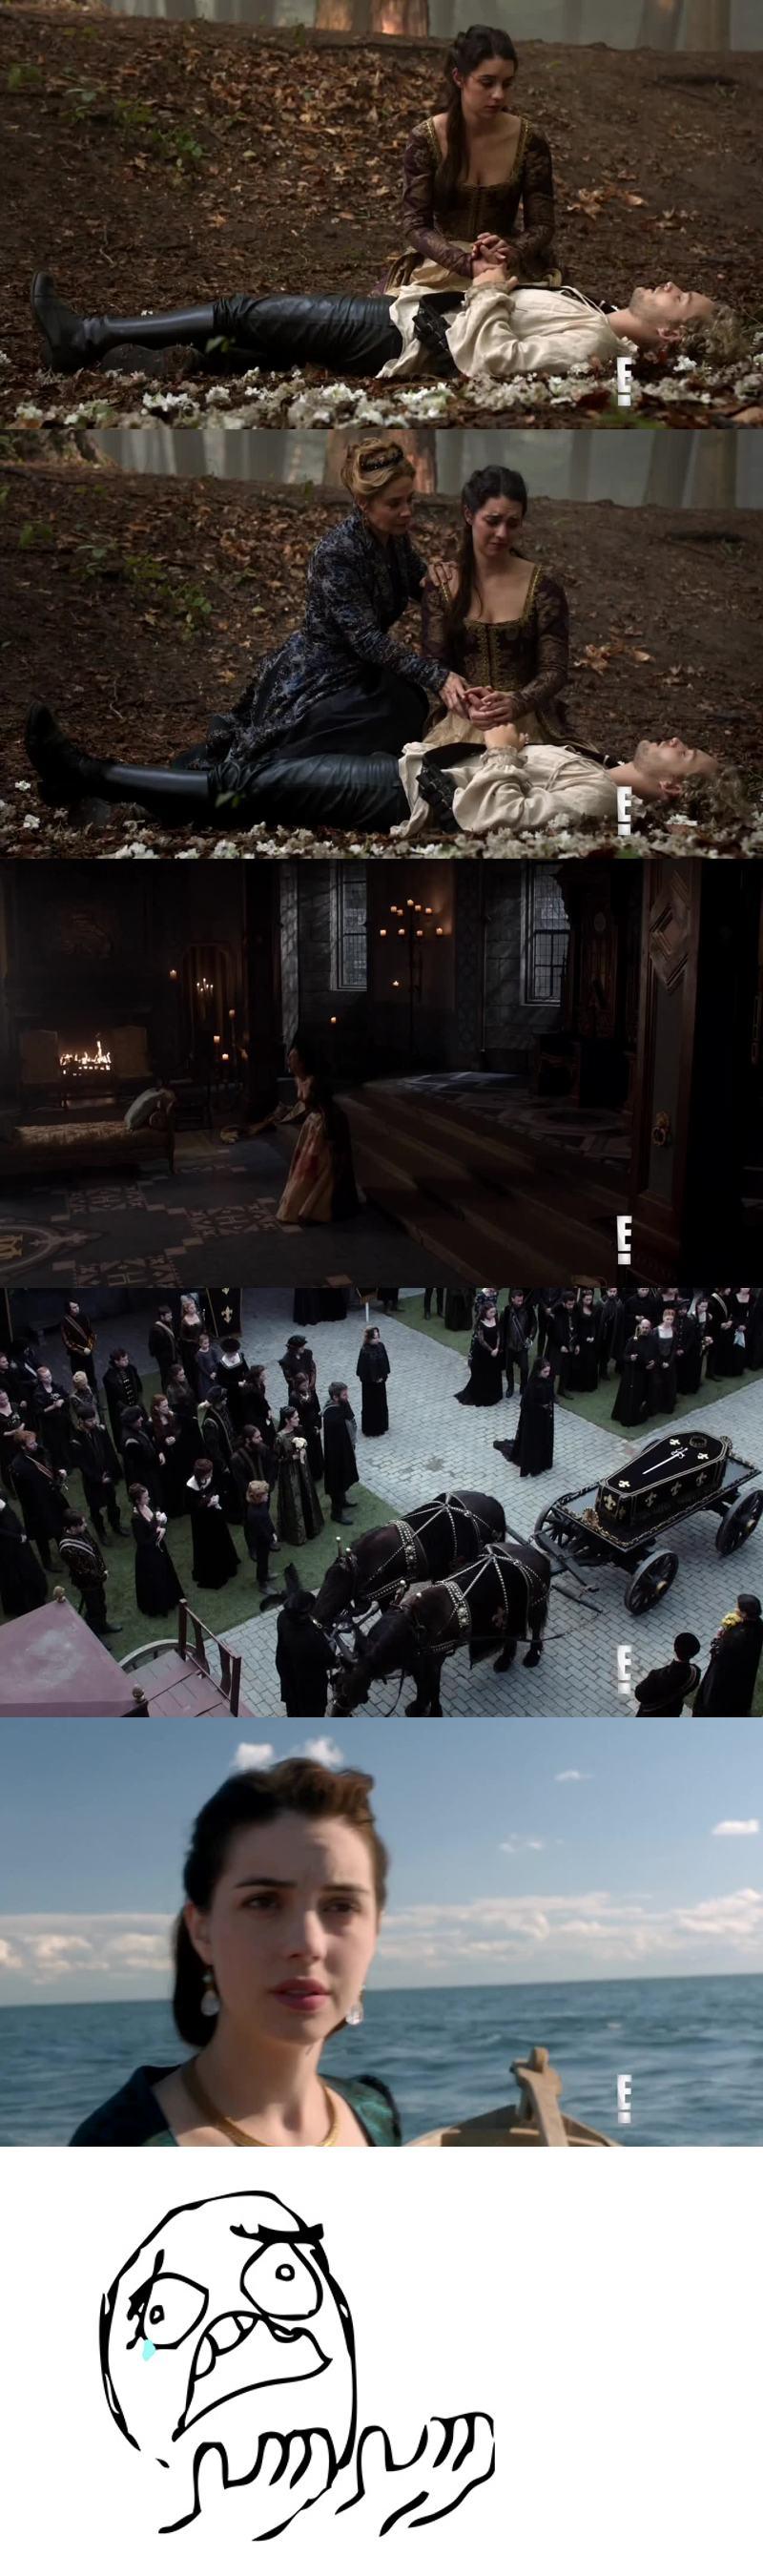 RIP Francis, j'ai du mal à imaginer la série sans lui, l'épisode le plus triste de la série... Les scènes sont bouleversantes comme celle de Marie allongée près du corps de Francis sous l'arbre, ou lorsqu'elle crie et arrache les drapeaux et la fin lorsqu'elle navigue toute seul...